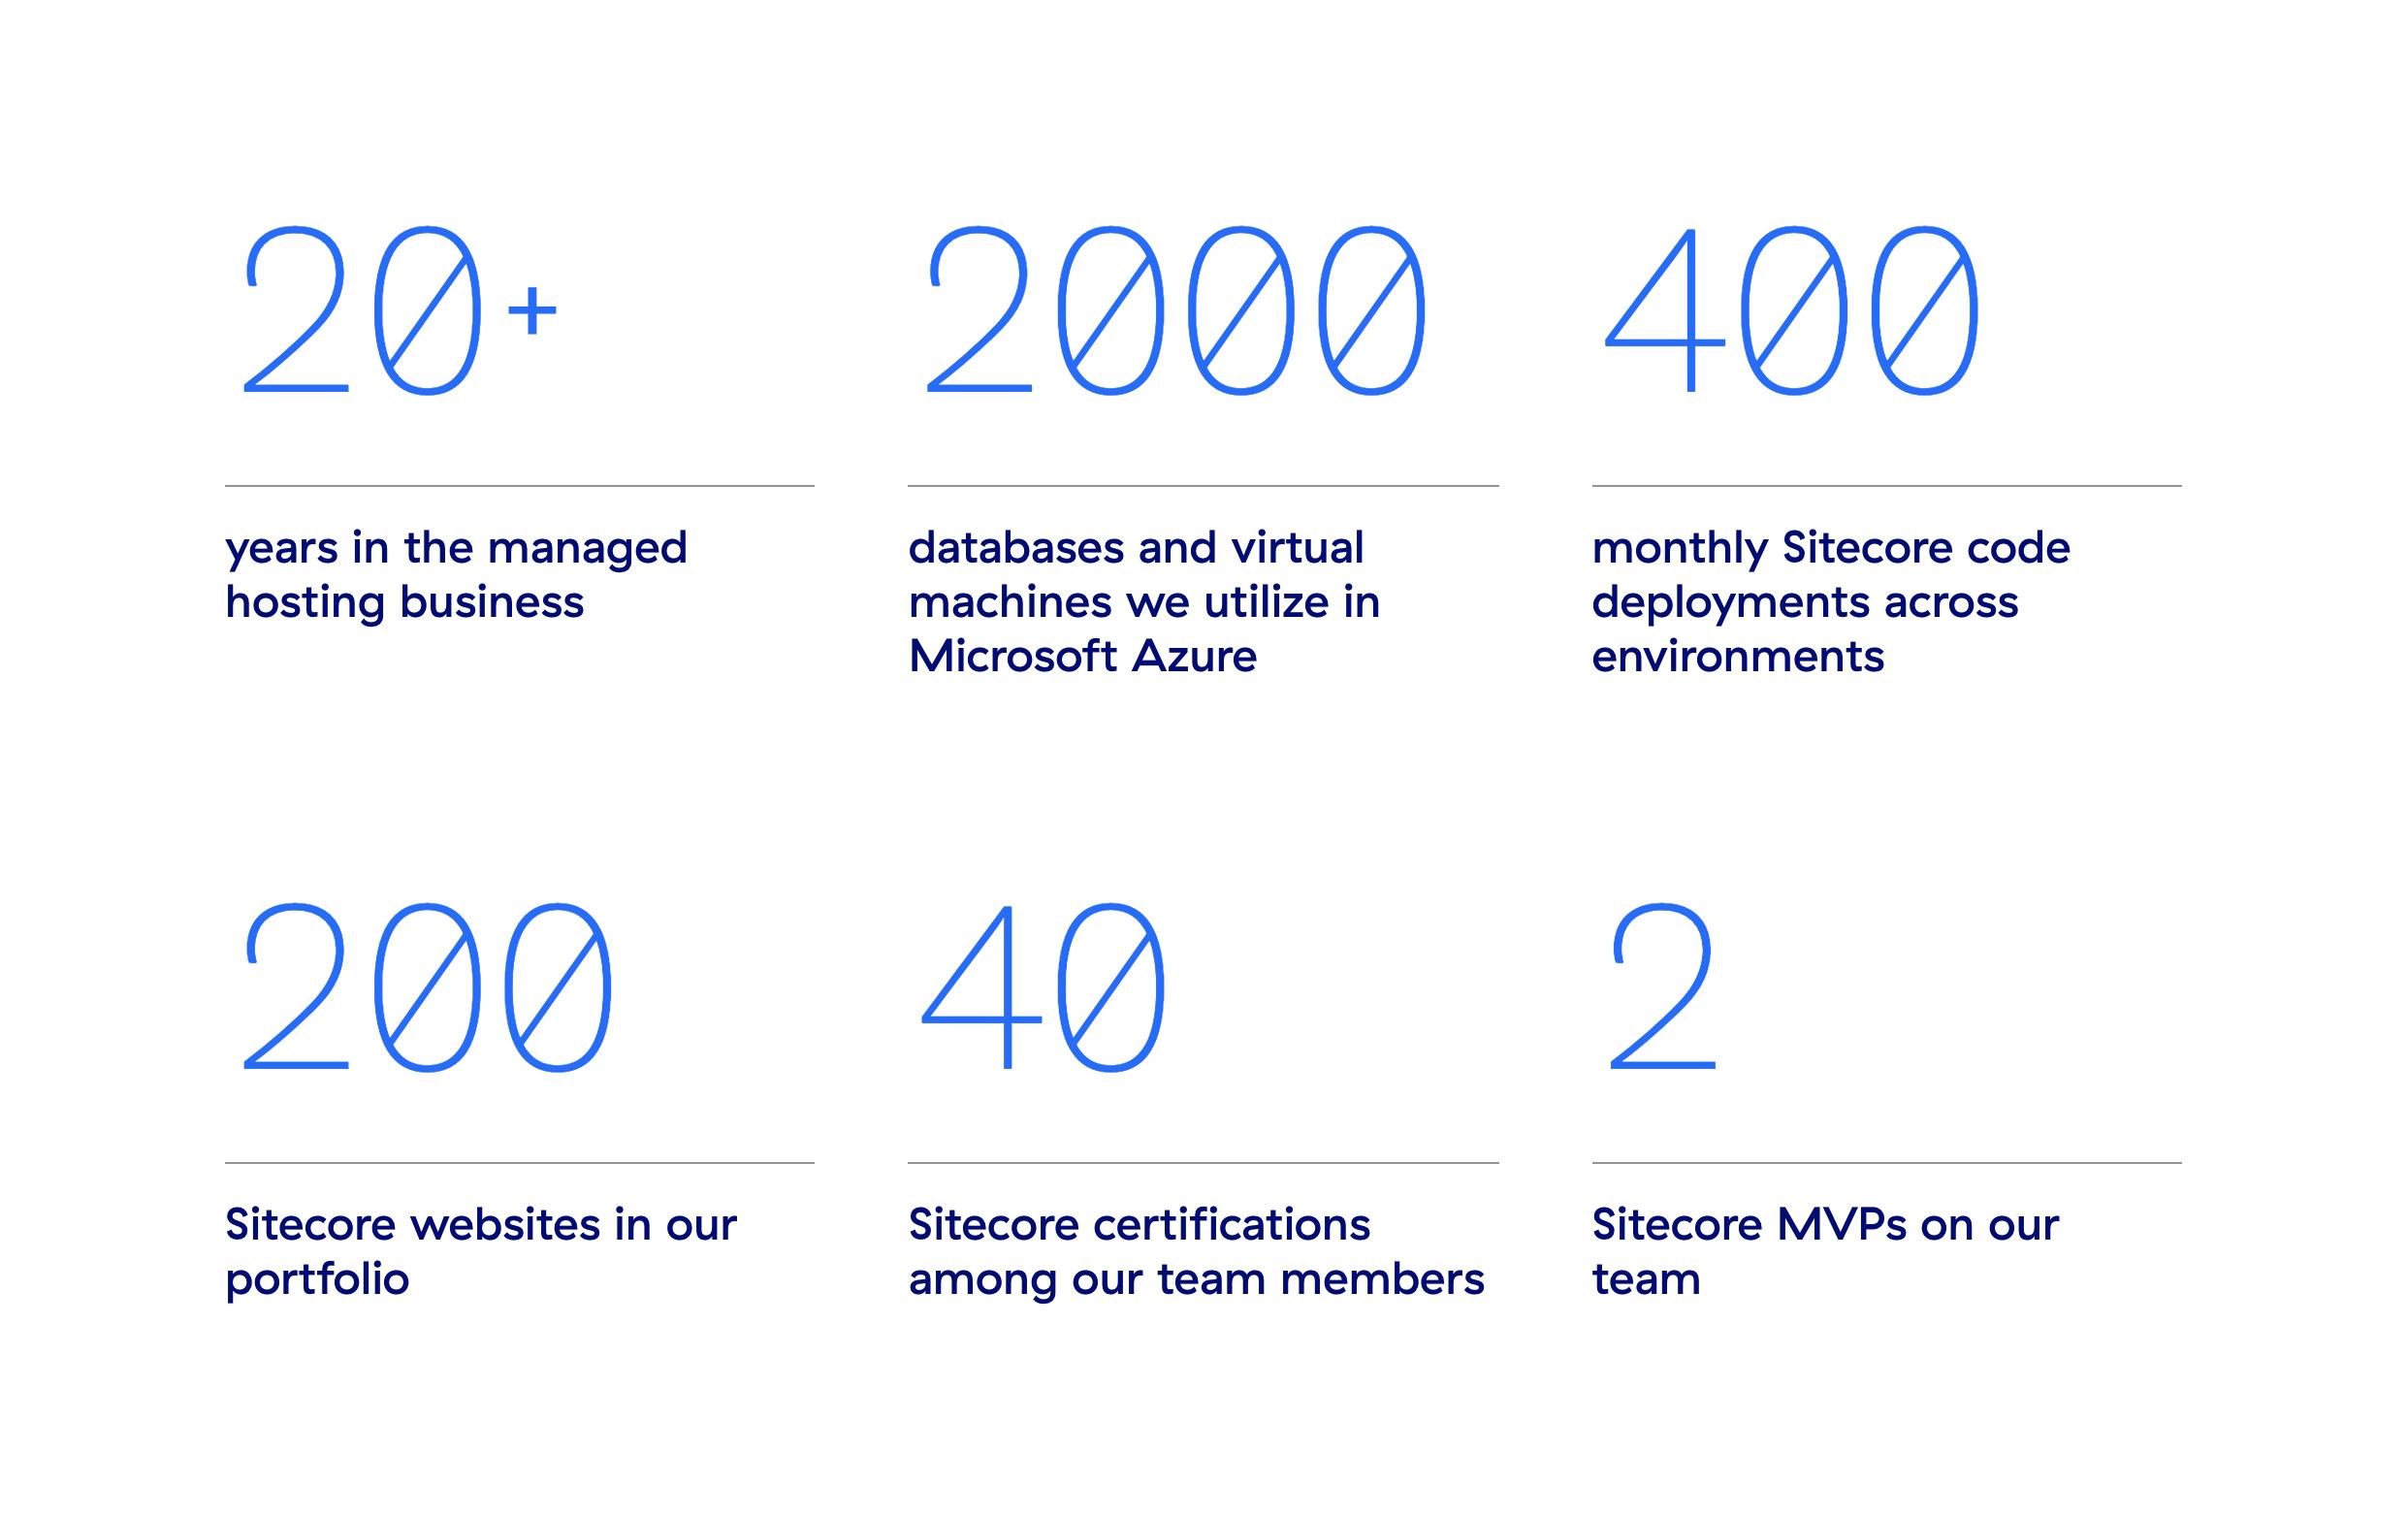 Sitecore-stats-1